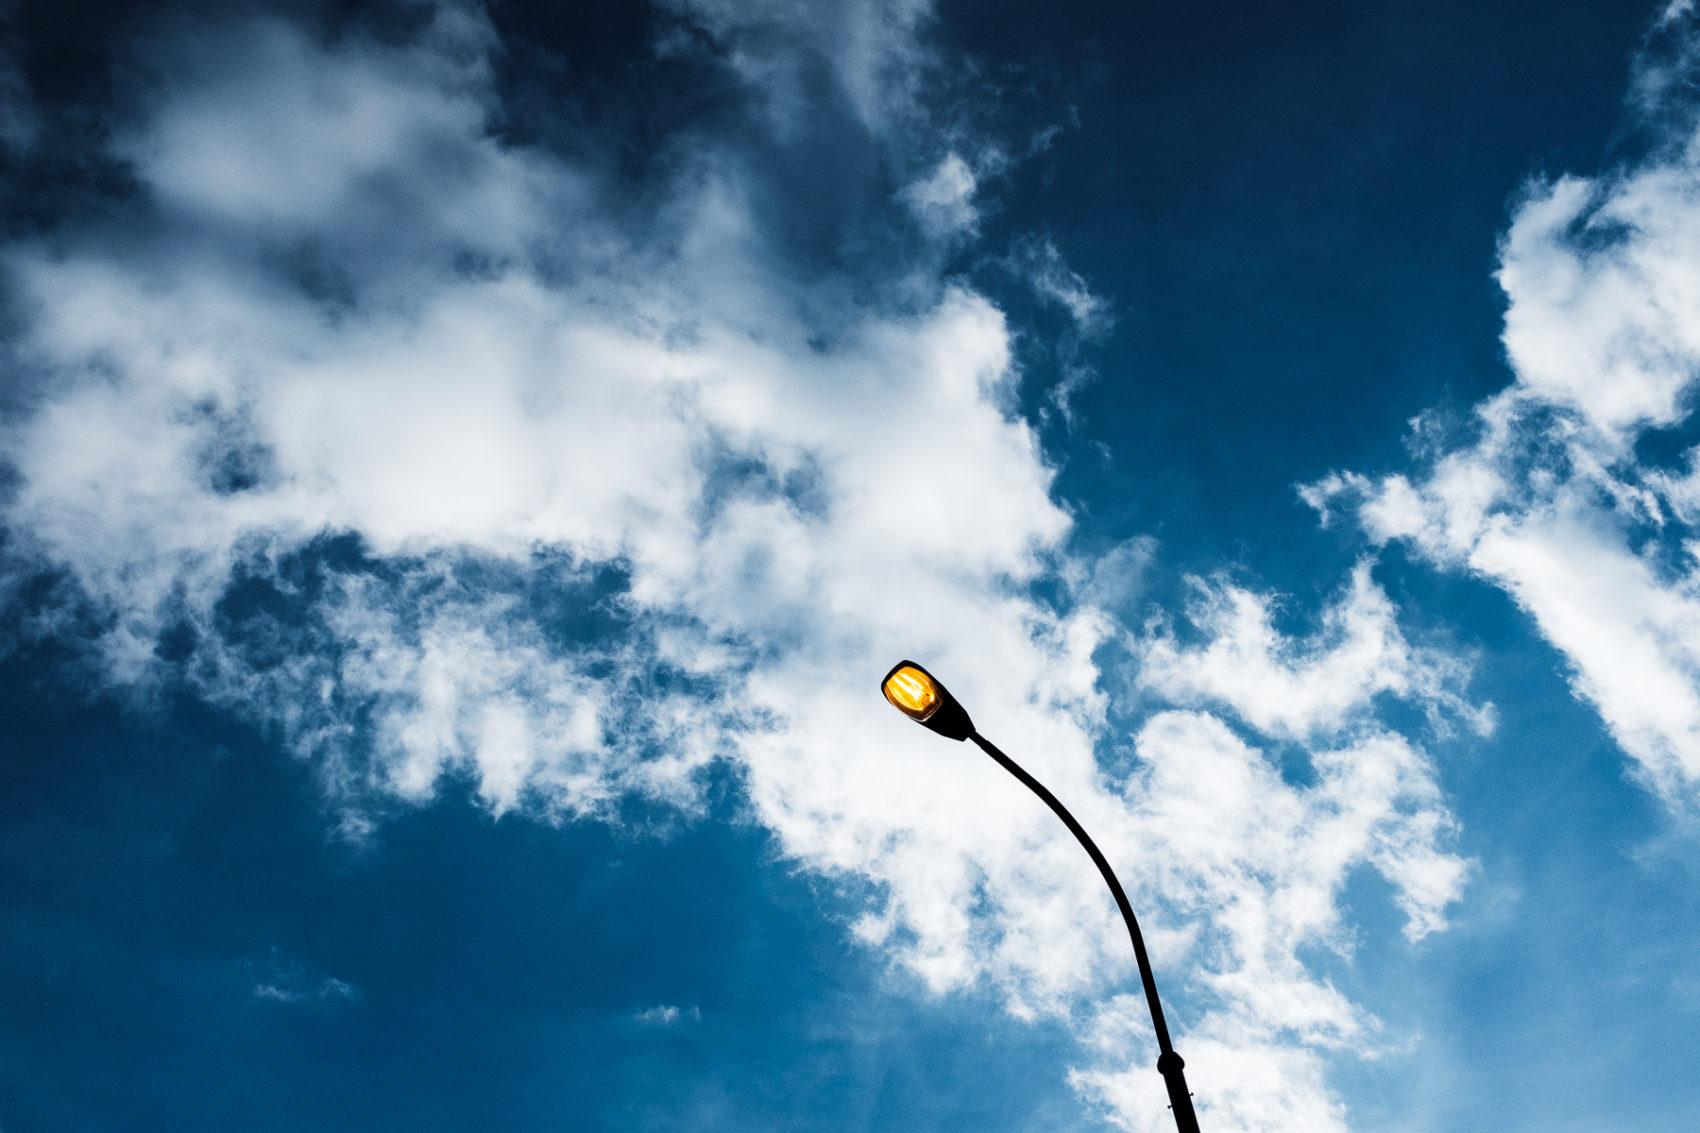 Jakub Kadlec lamp fuji x100f Blue